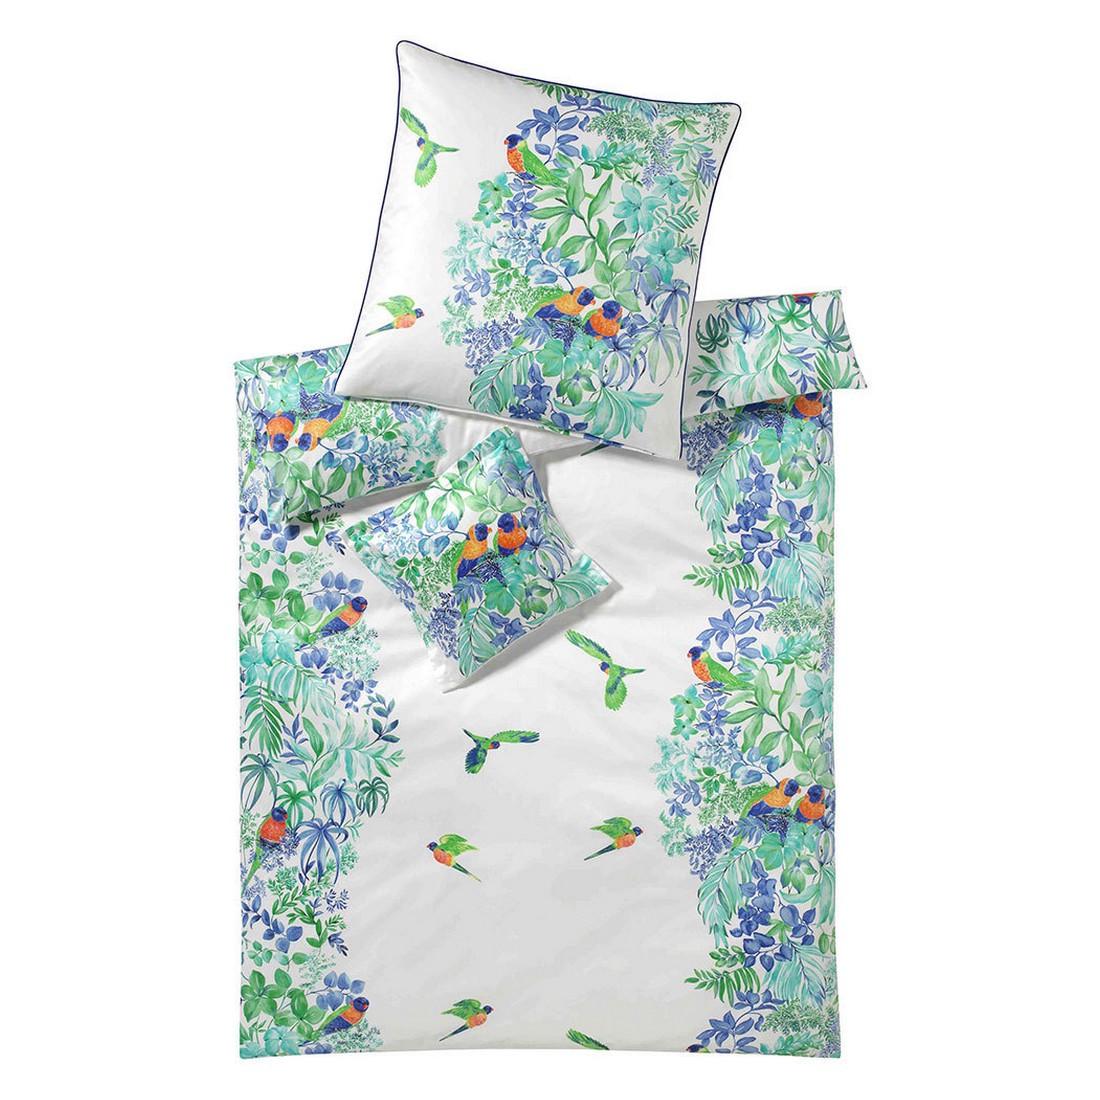 Bettwäsche Paradiesvogel – Baumwolle/Mako-Satin – Mehrfarbig – 135×200 cm + 80×80 cm, elegante günstig kaufen